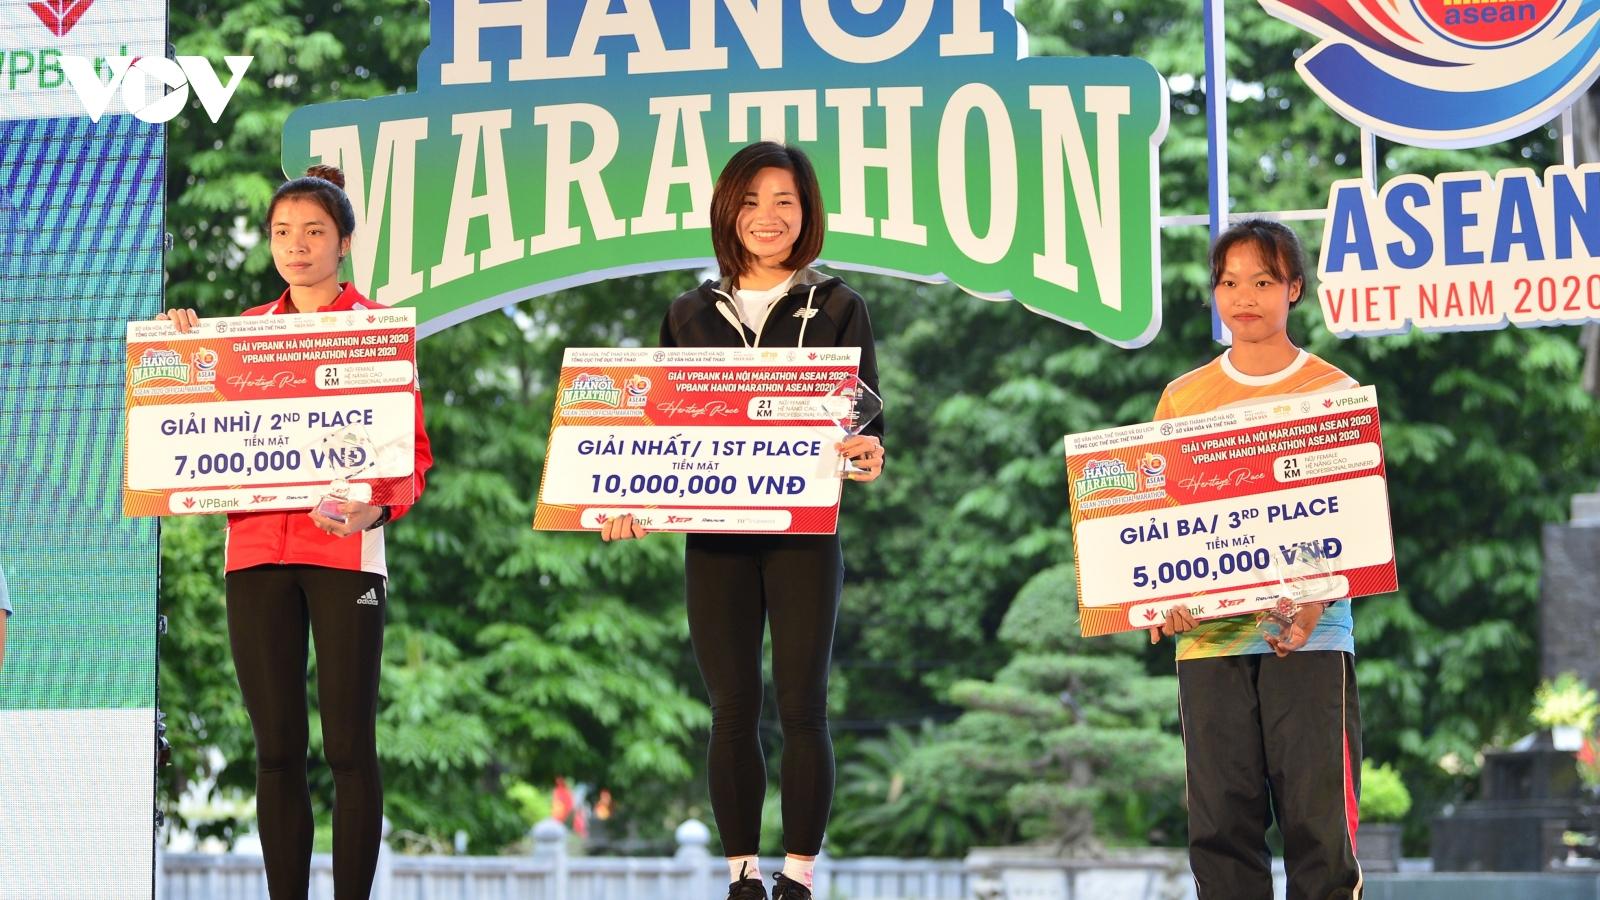 """""""Cô gái vàng"""" Nguyễn Thị Oanh không có đối thủ ở Hanoi Marathon ASEAN 2020"""